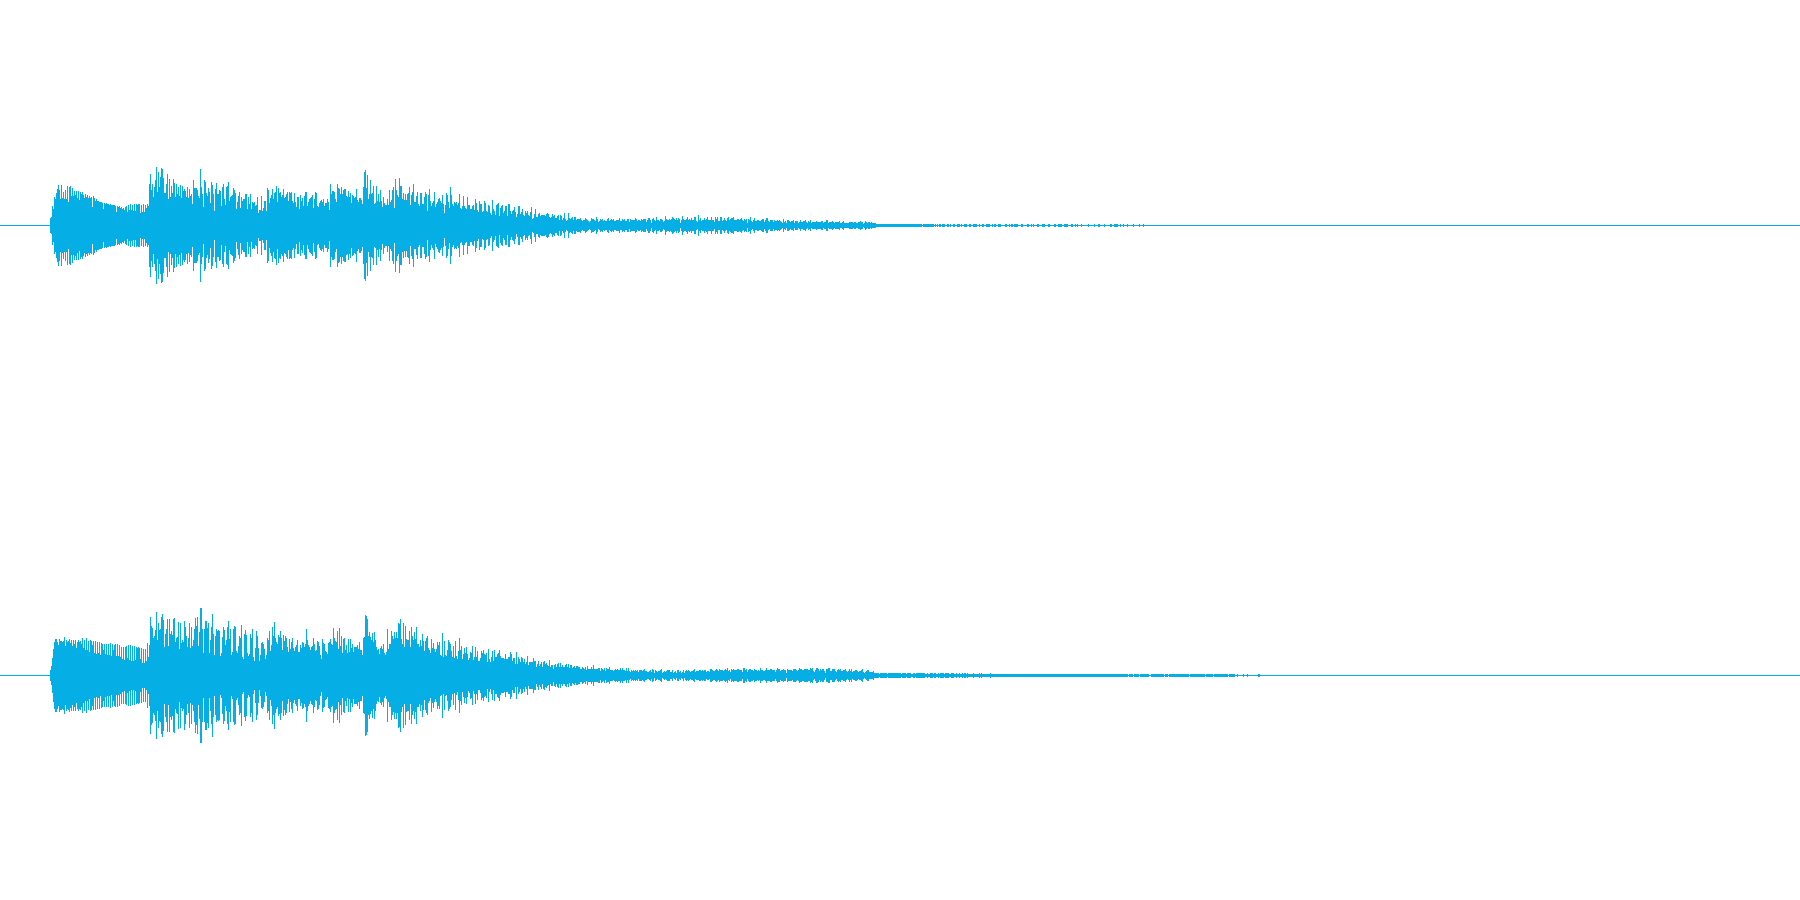 琴の上昇、グリッサンド、アルペジオの再生済みの波形